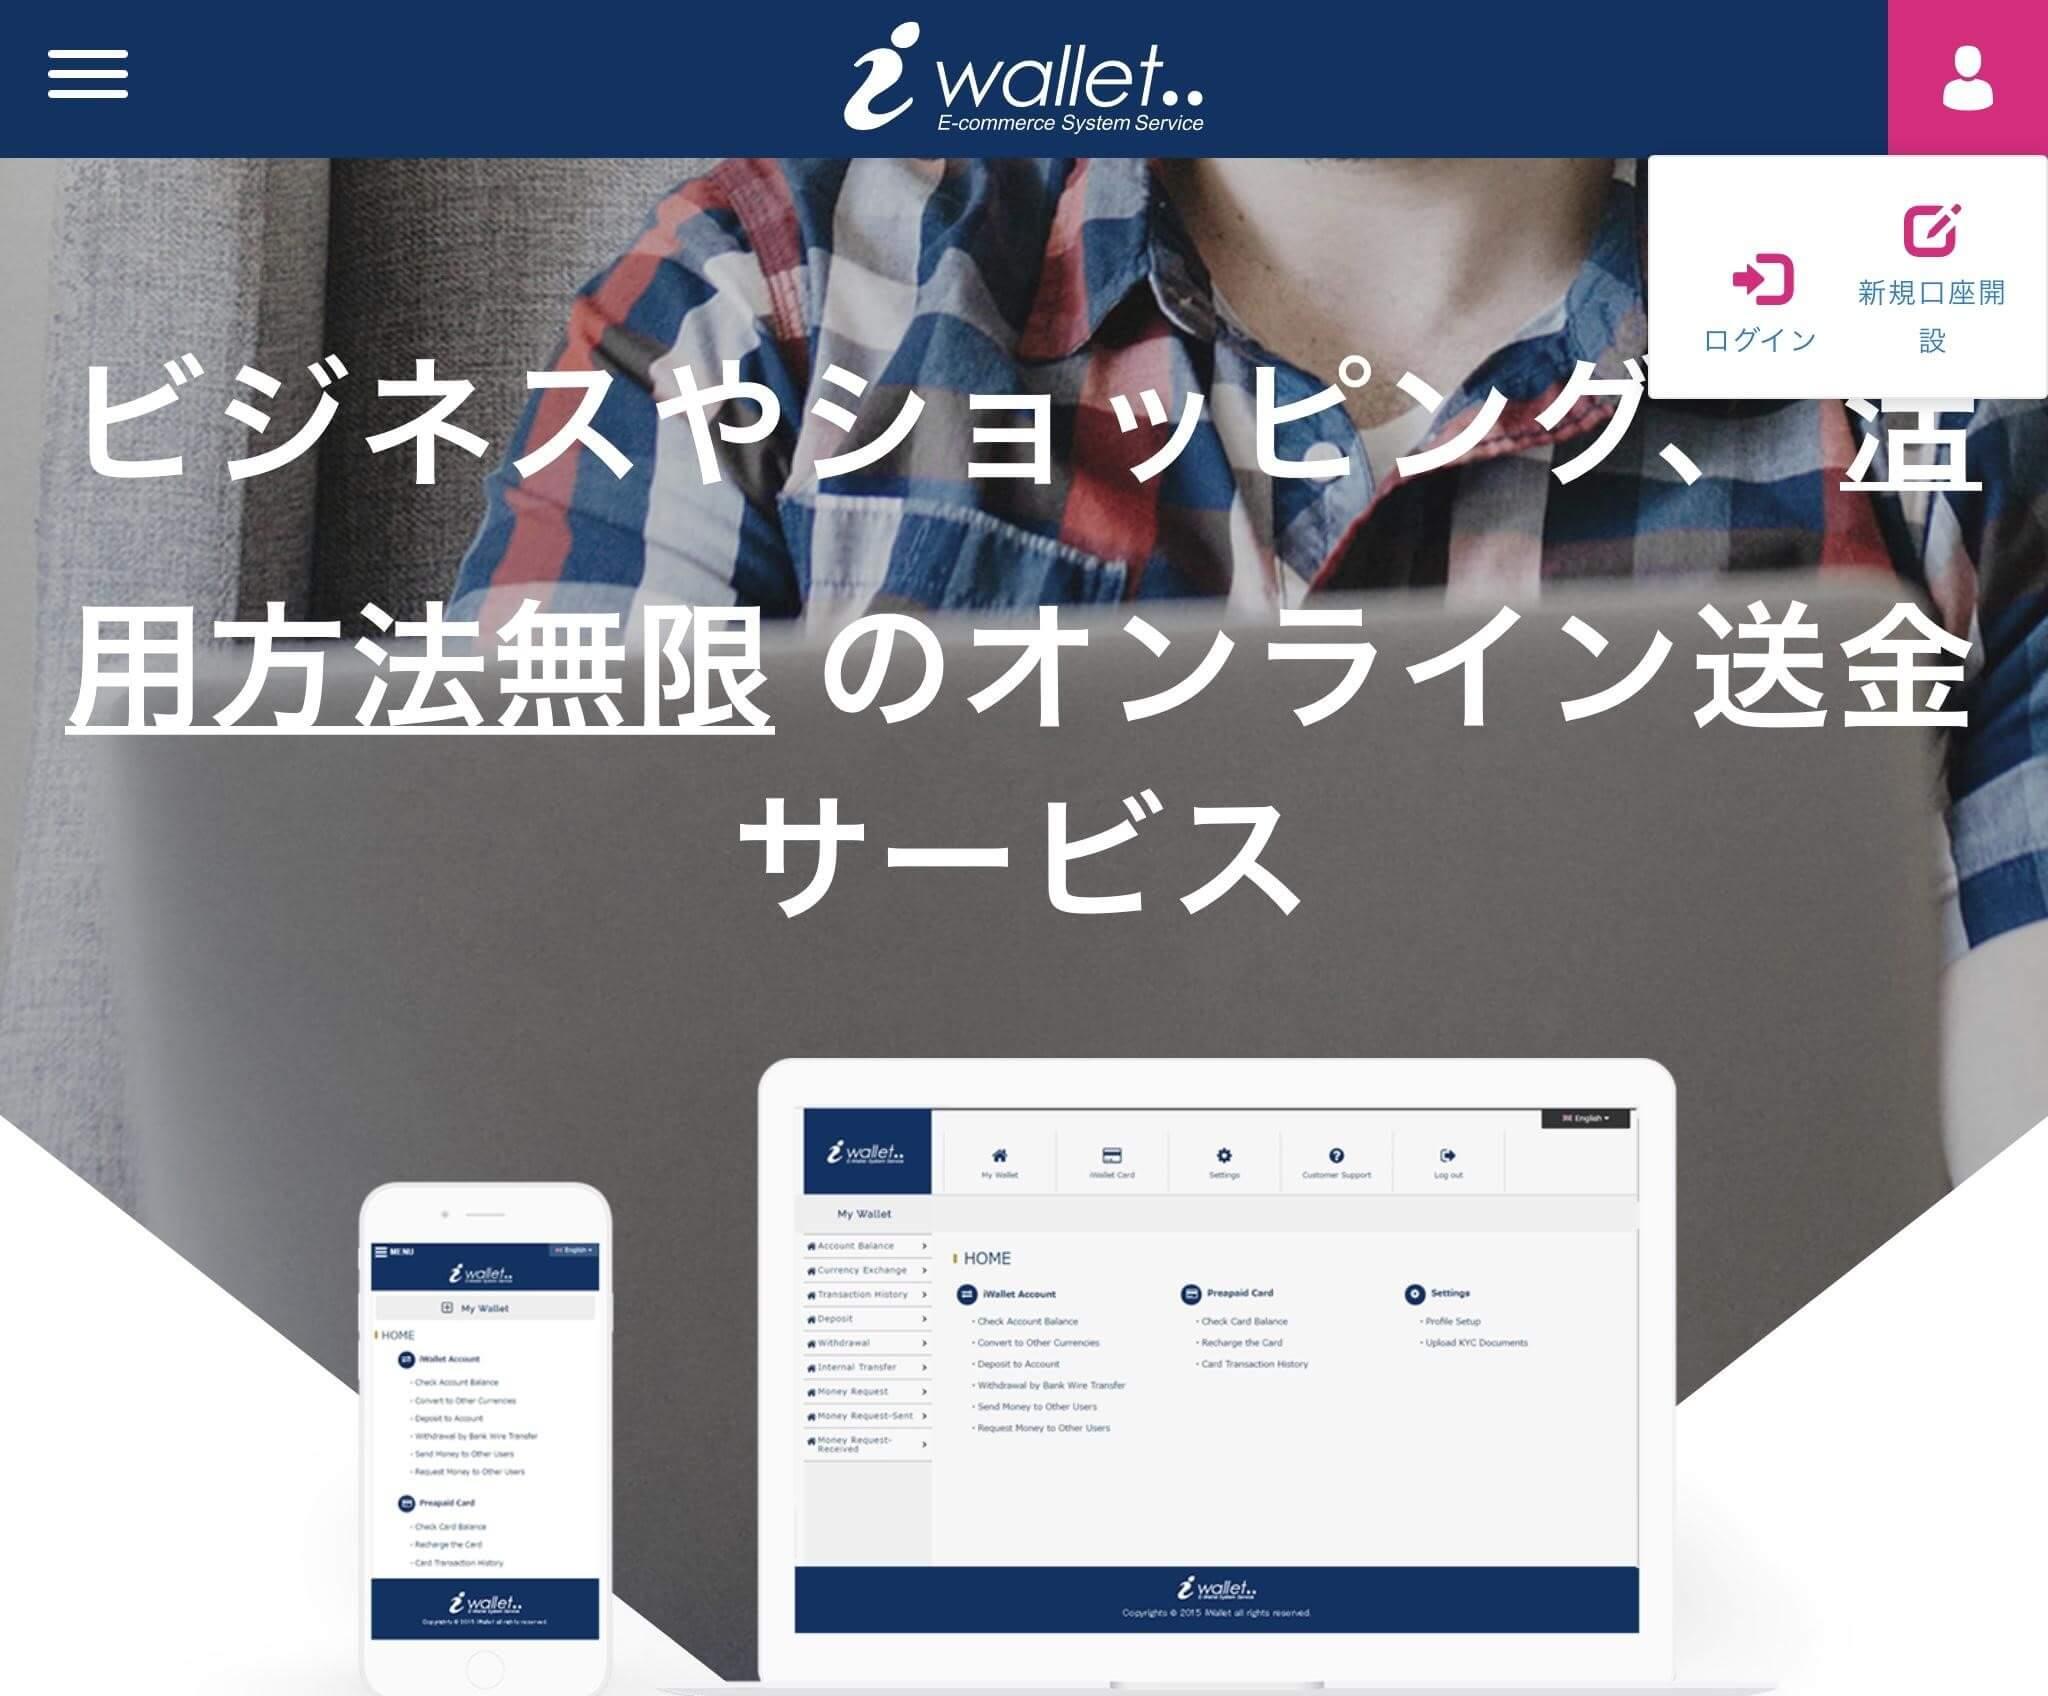 ① 公式サイトに行く→ アイウォレット(https://iwl.hk/jp/) 右上のピンクの人型ボタンをクリックすると新規口座開設が出てきます。